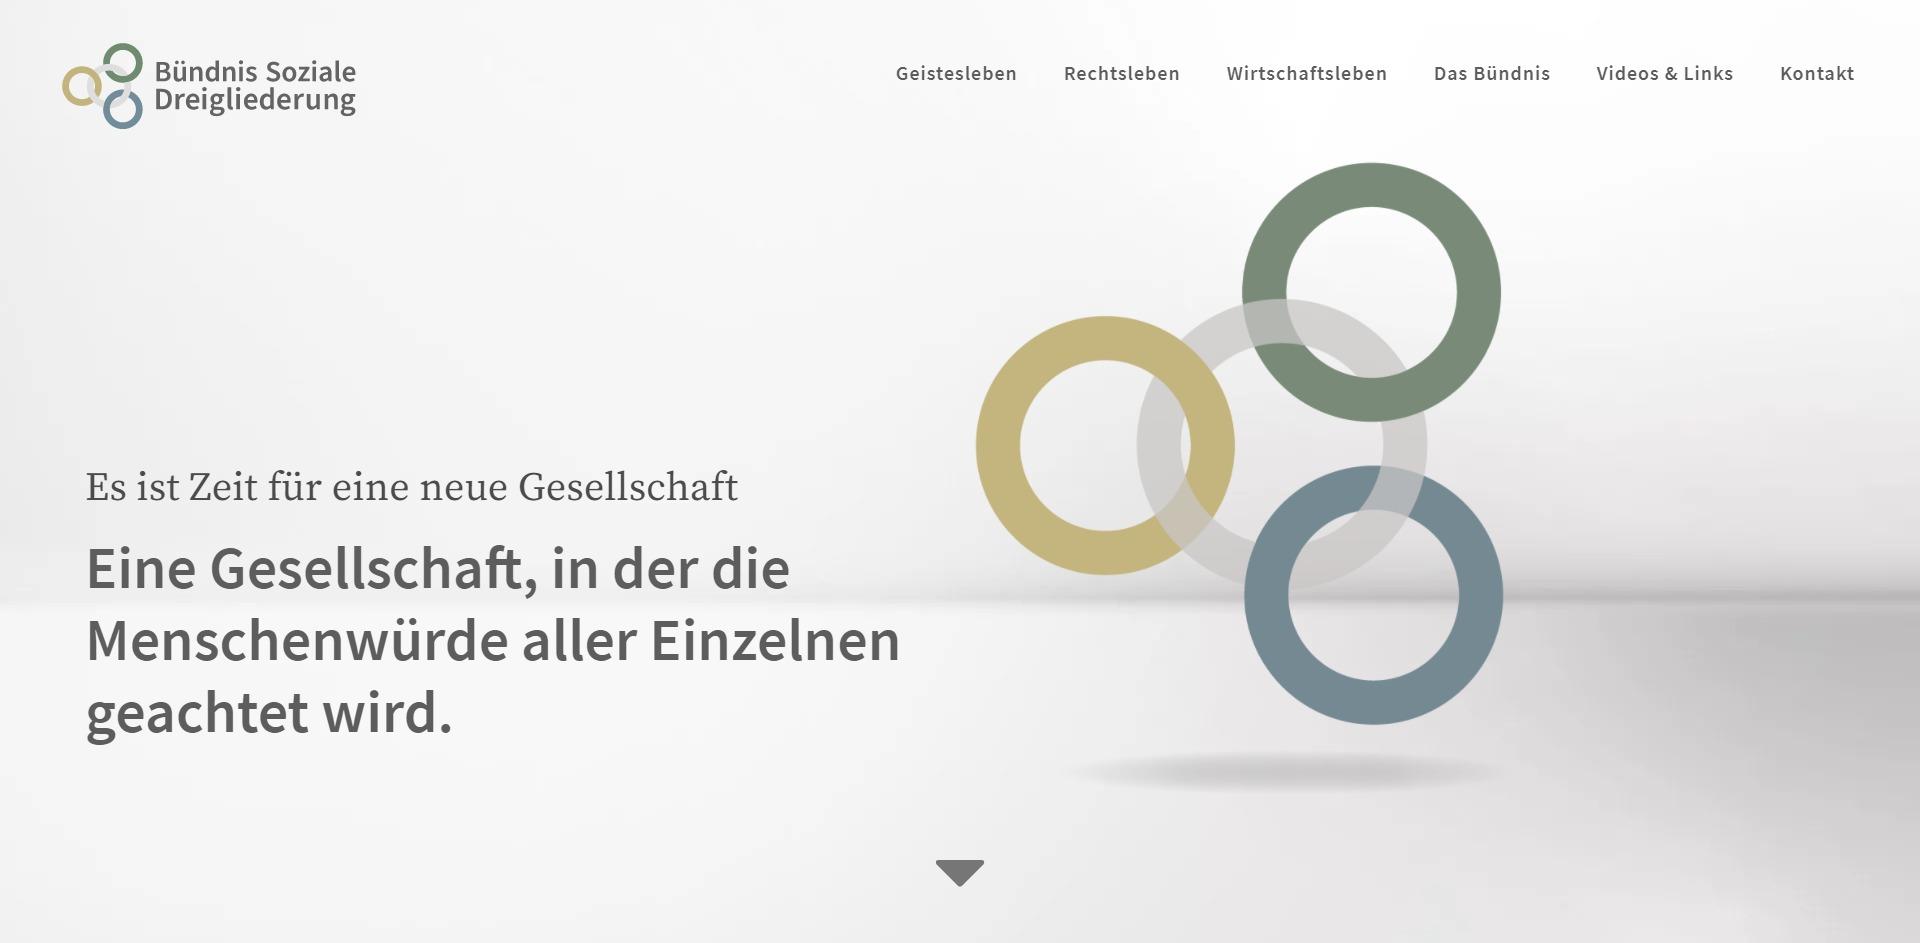 sozialedreigliederung.org